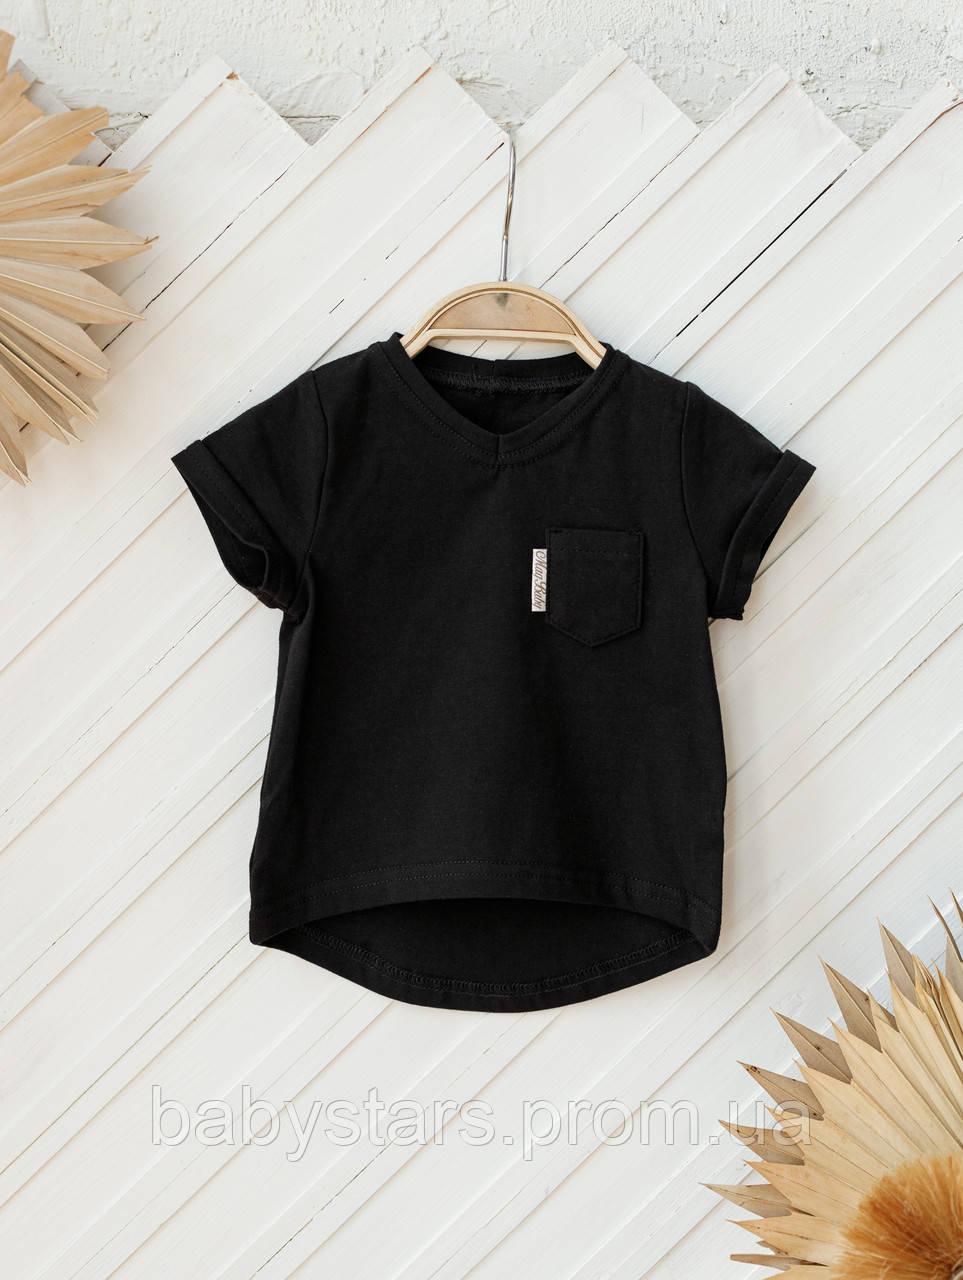 """Футболка для новорожденных """"Simply"""", черная с карманом. Размеры: от 62 до 86"""